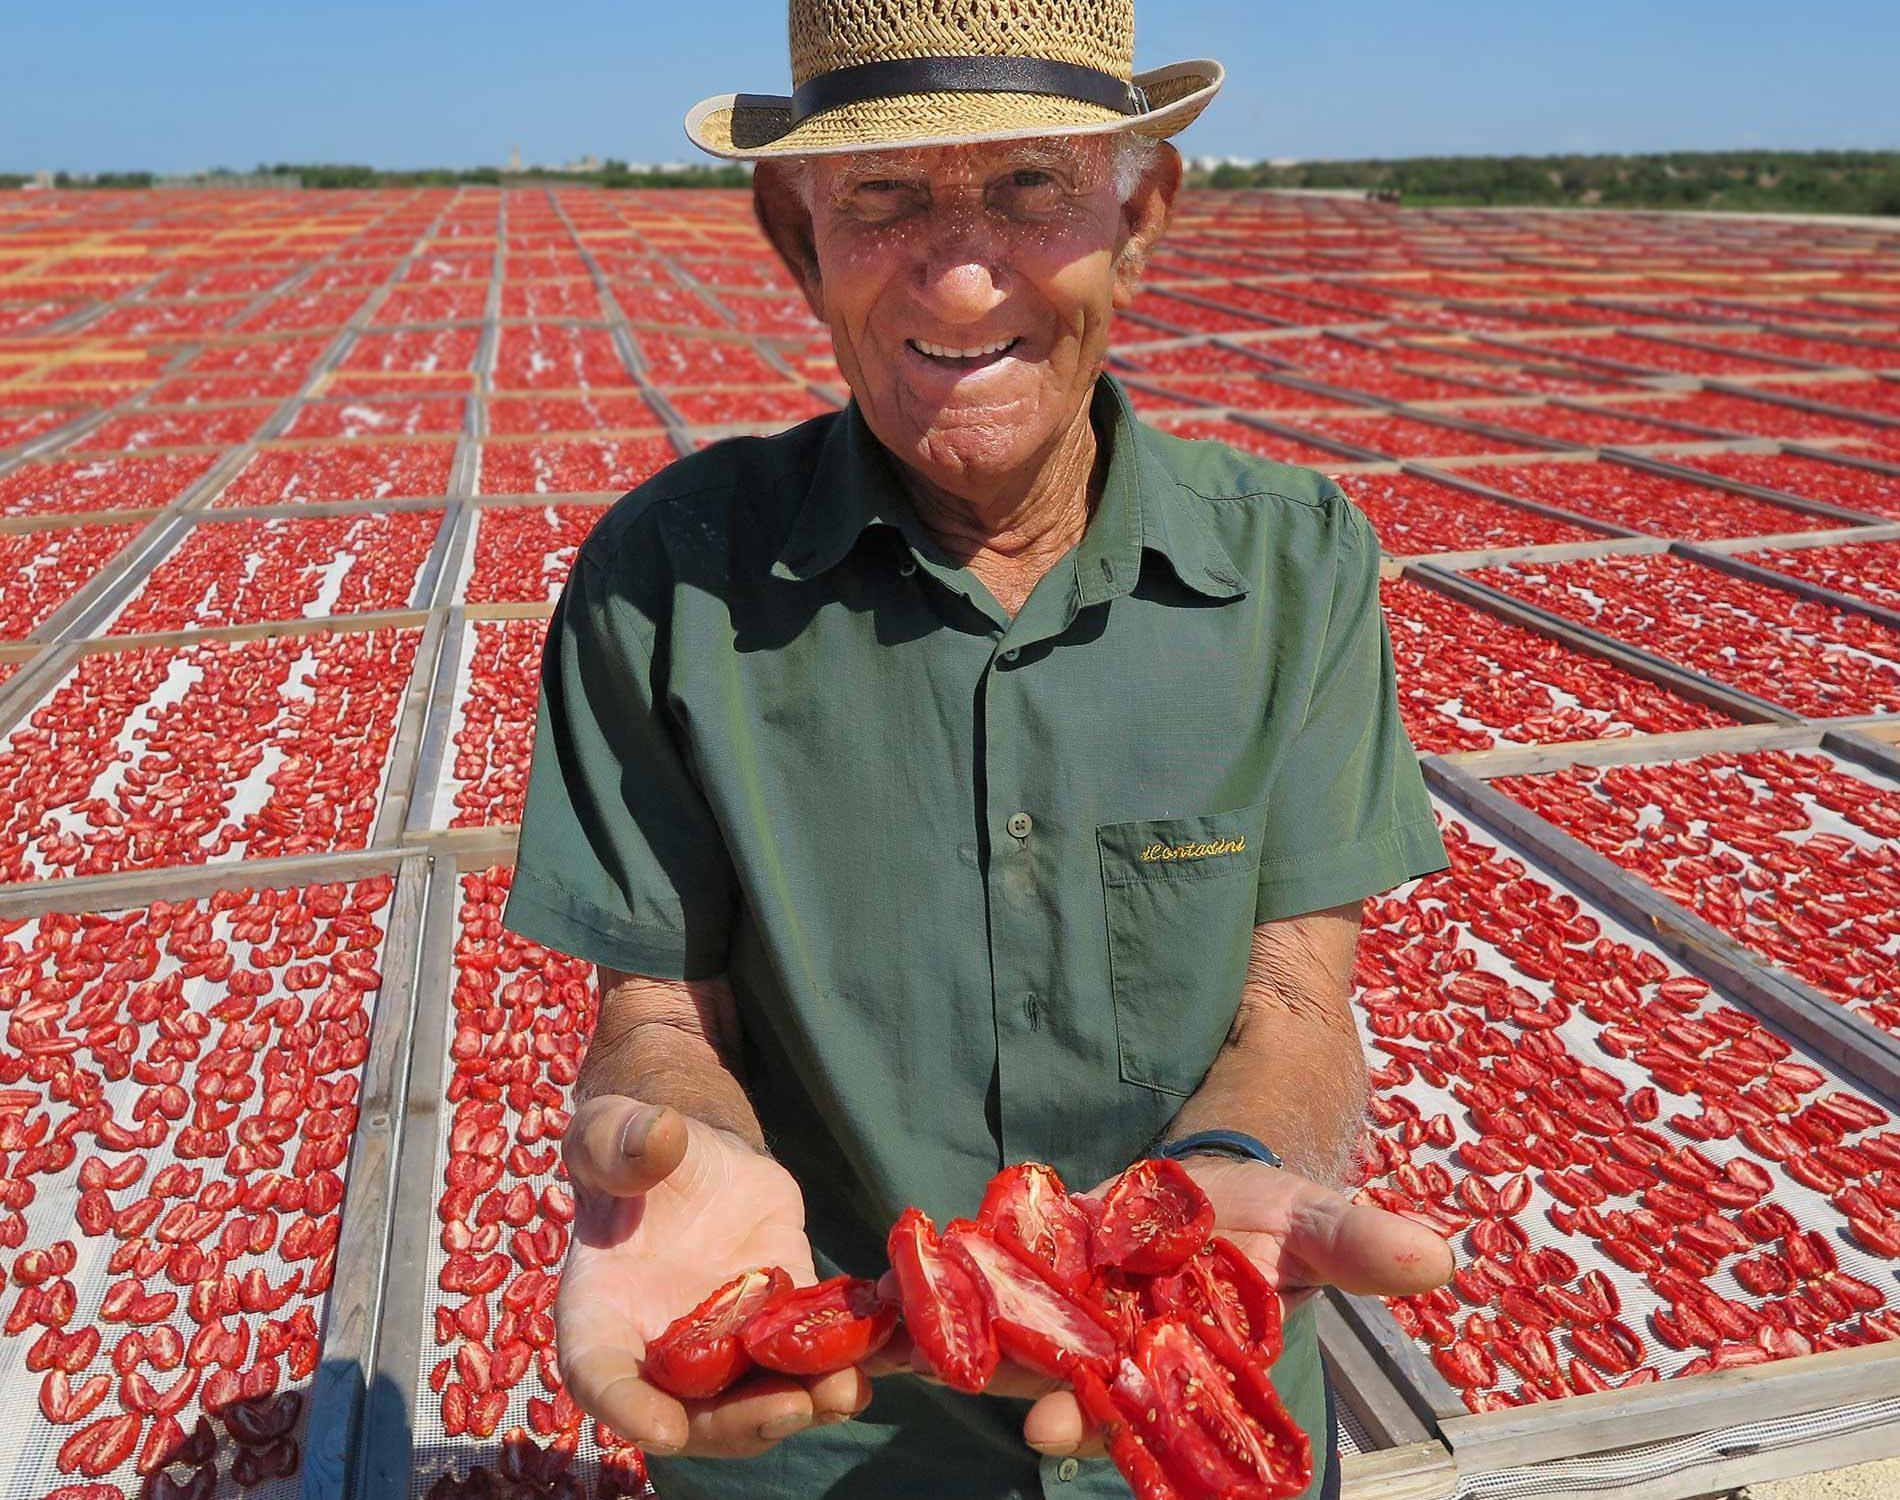 Tomaten-Mann